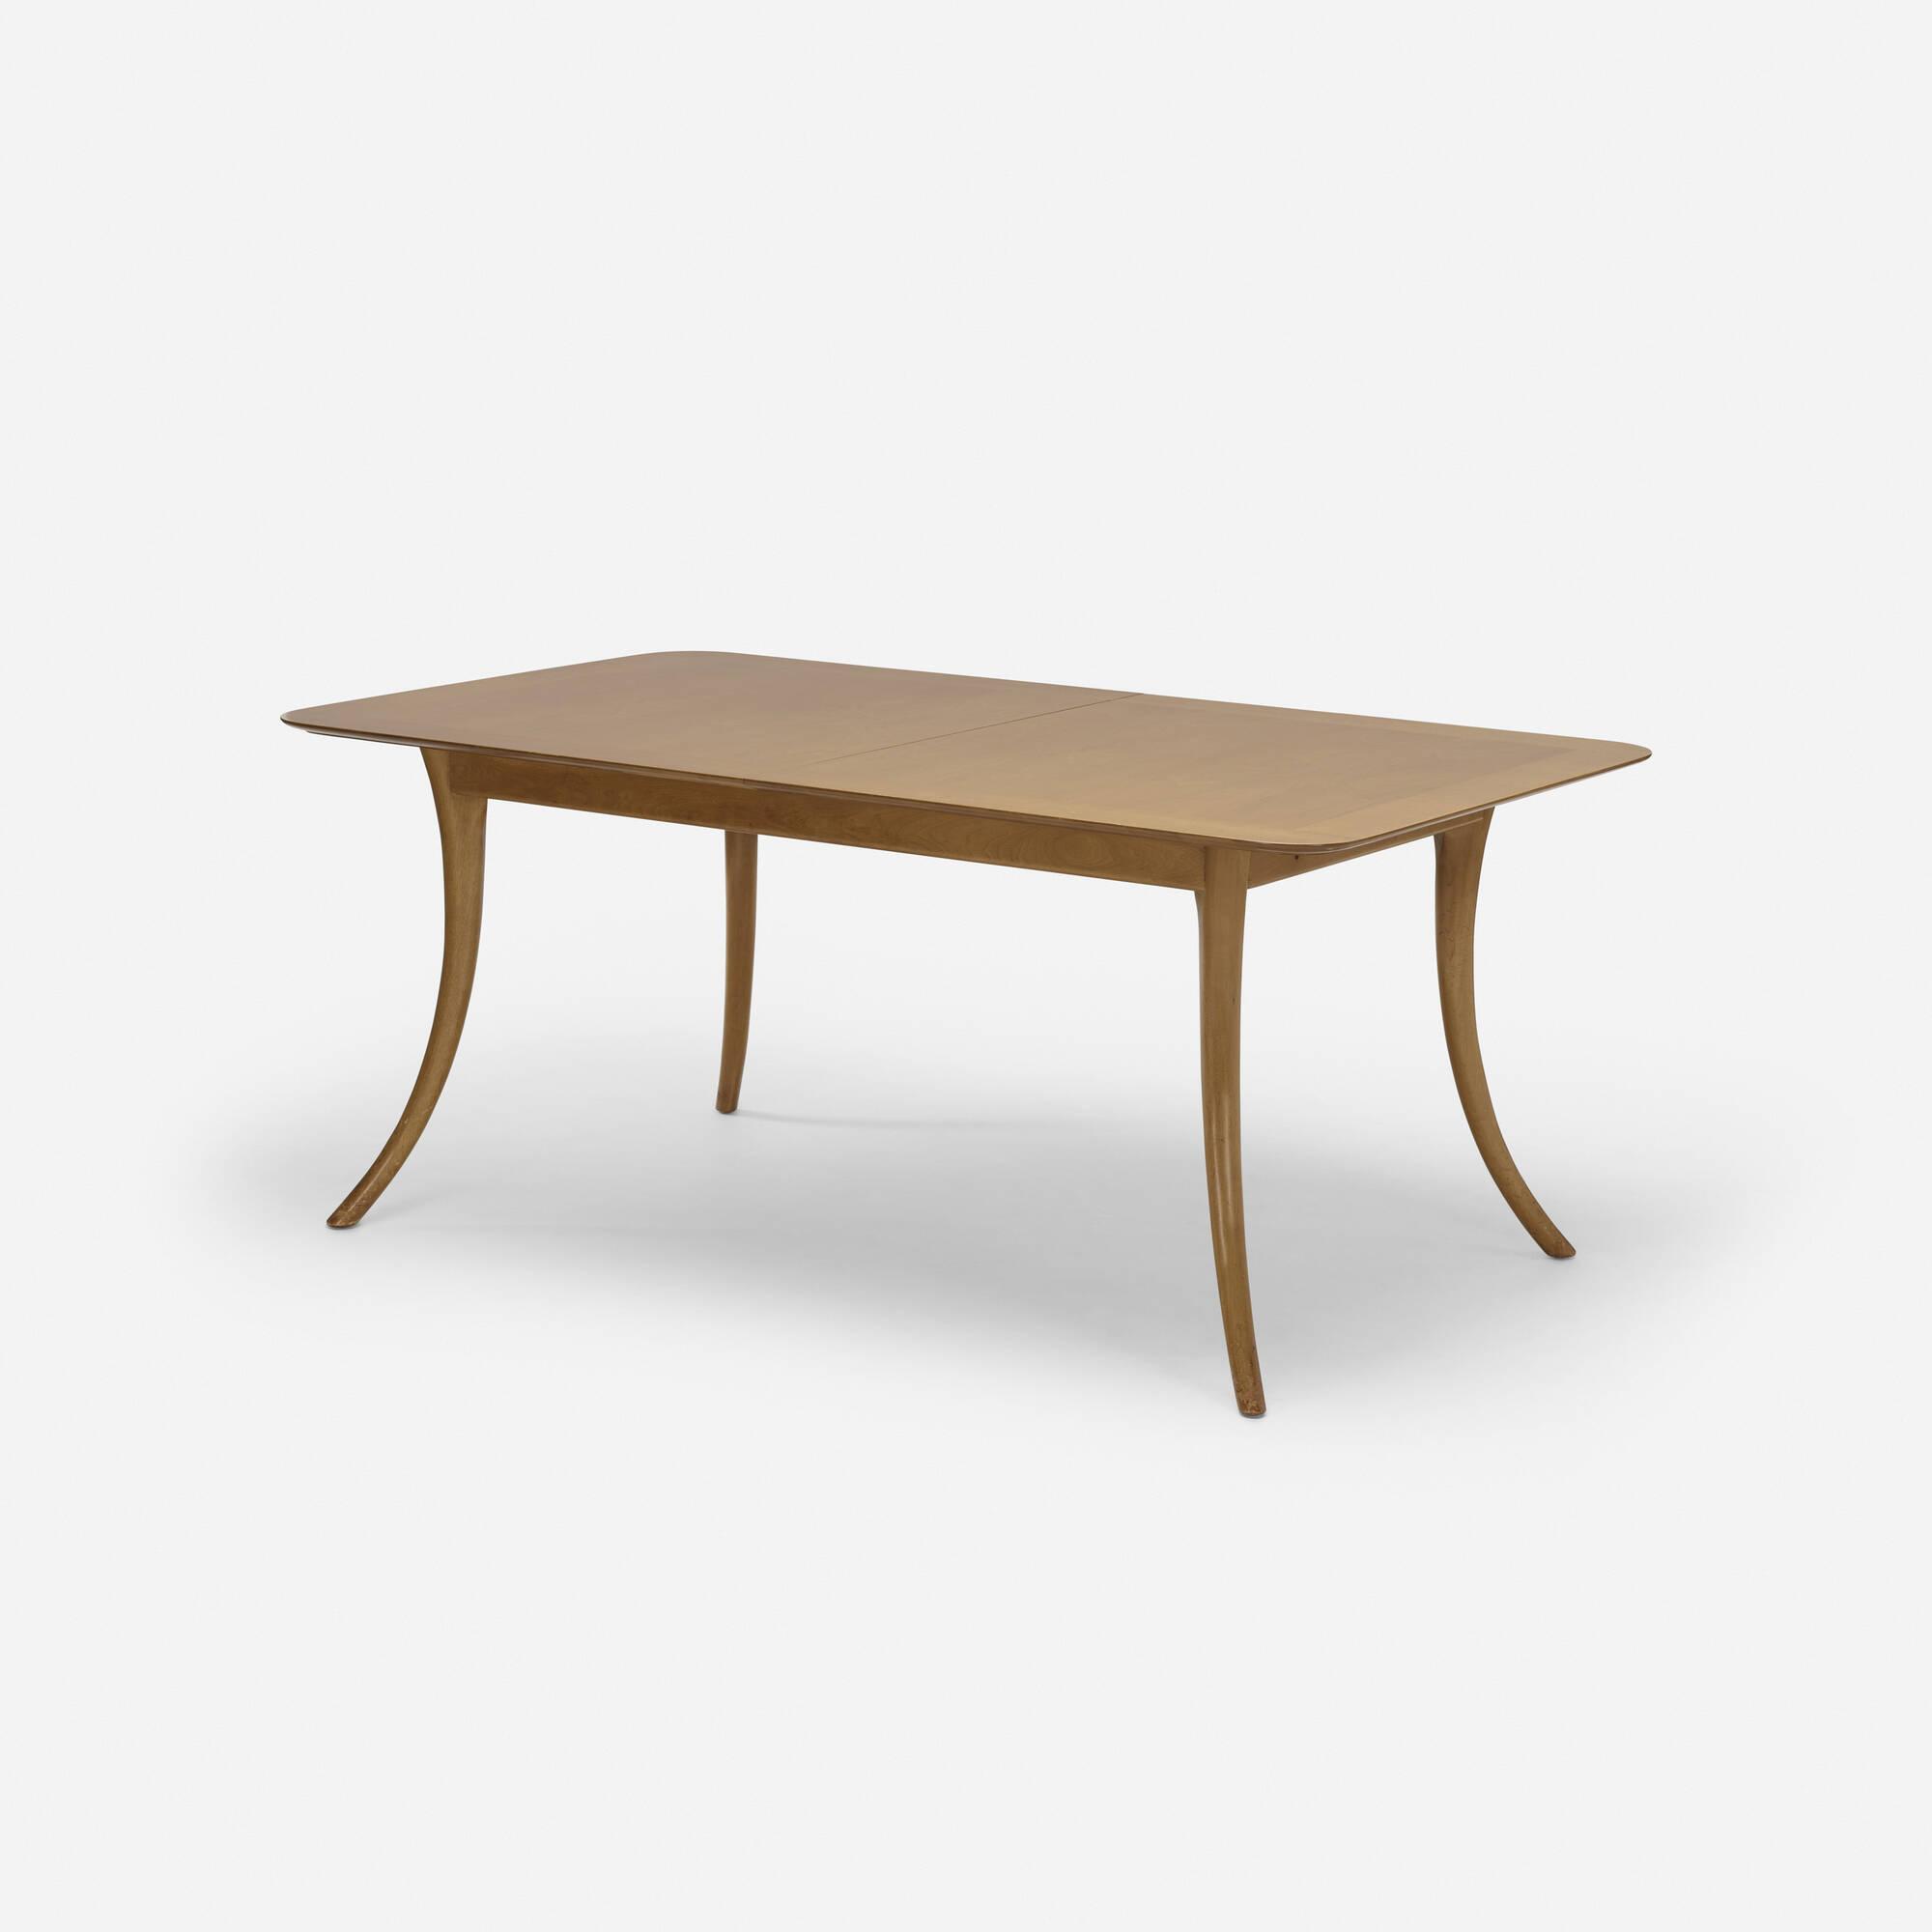 690: T.H. Robsjohn-Gibbings / dining table (1 of 3)